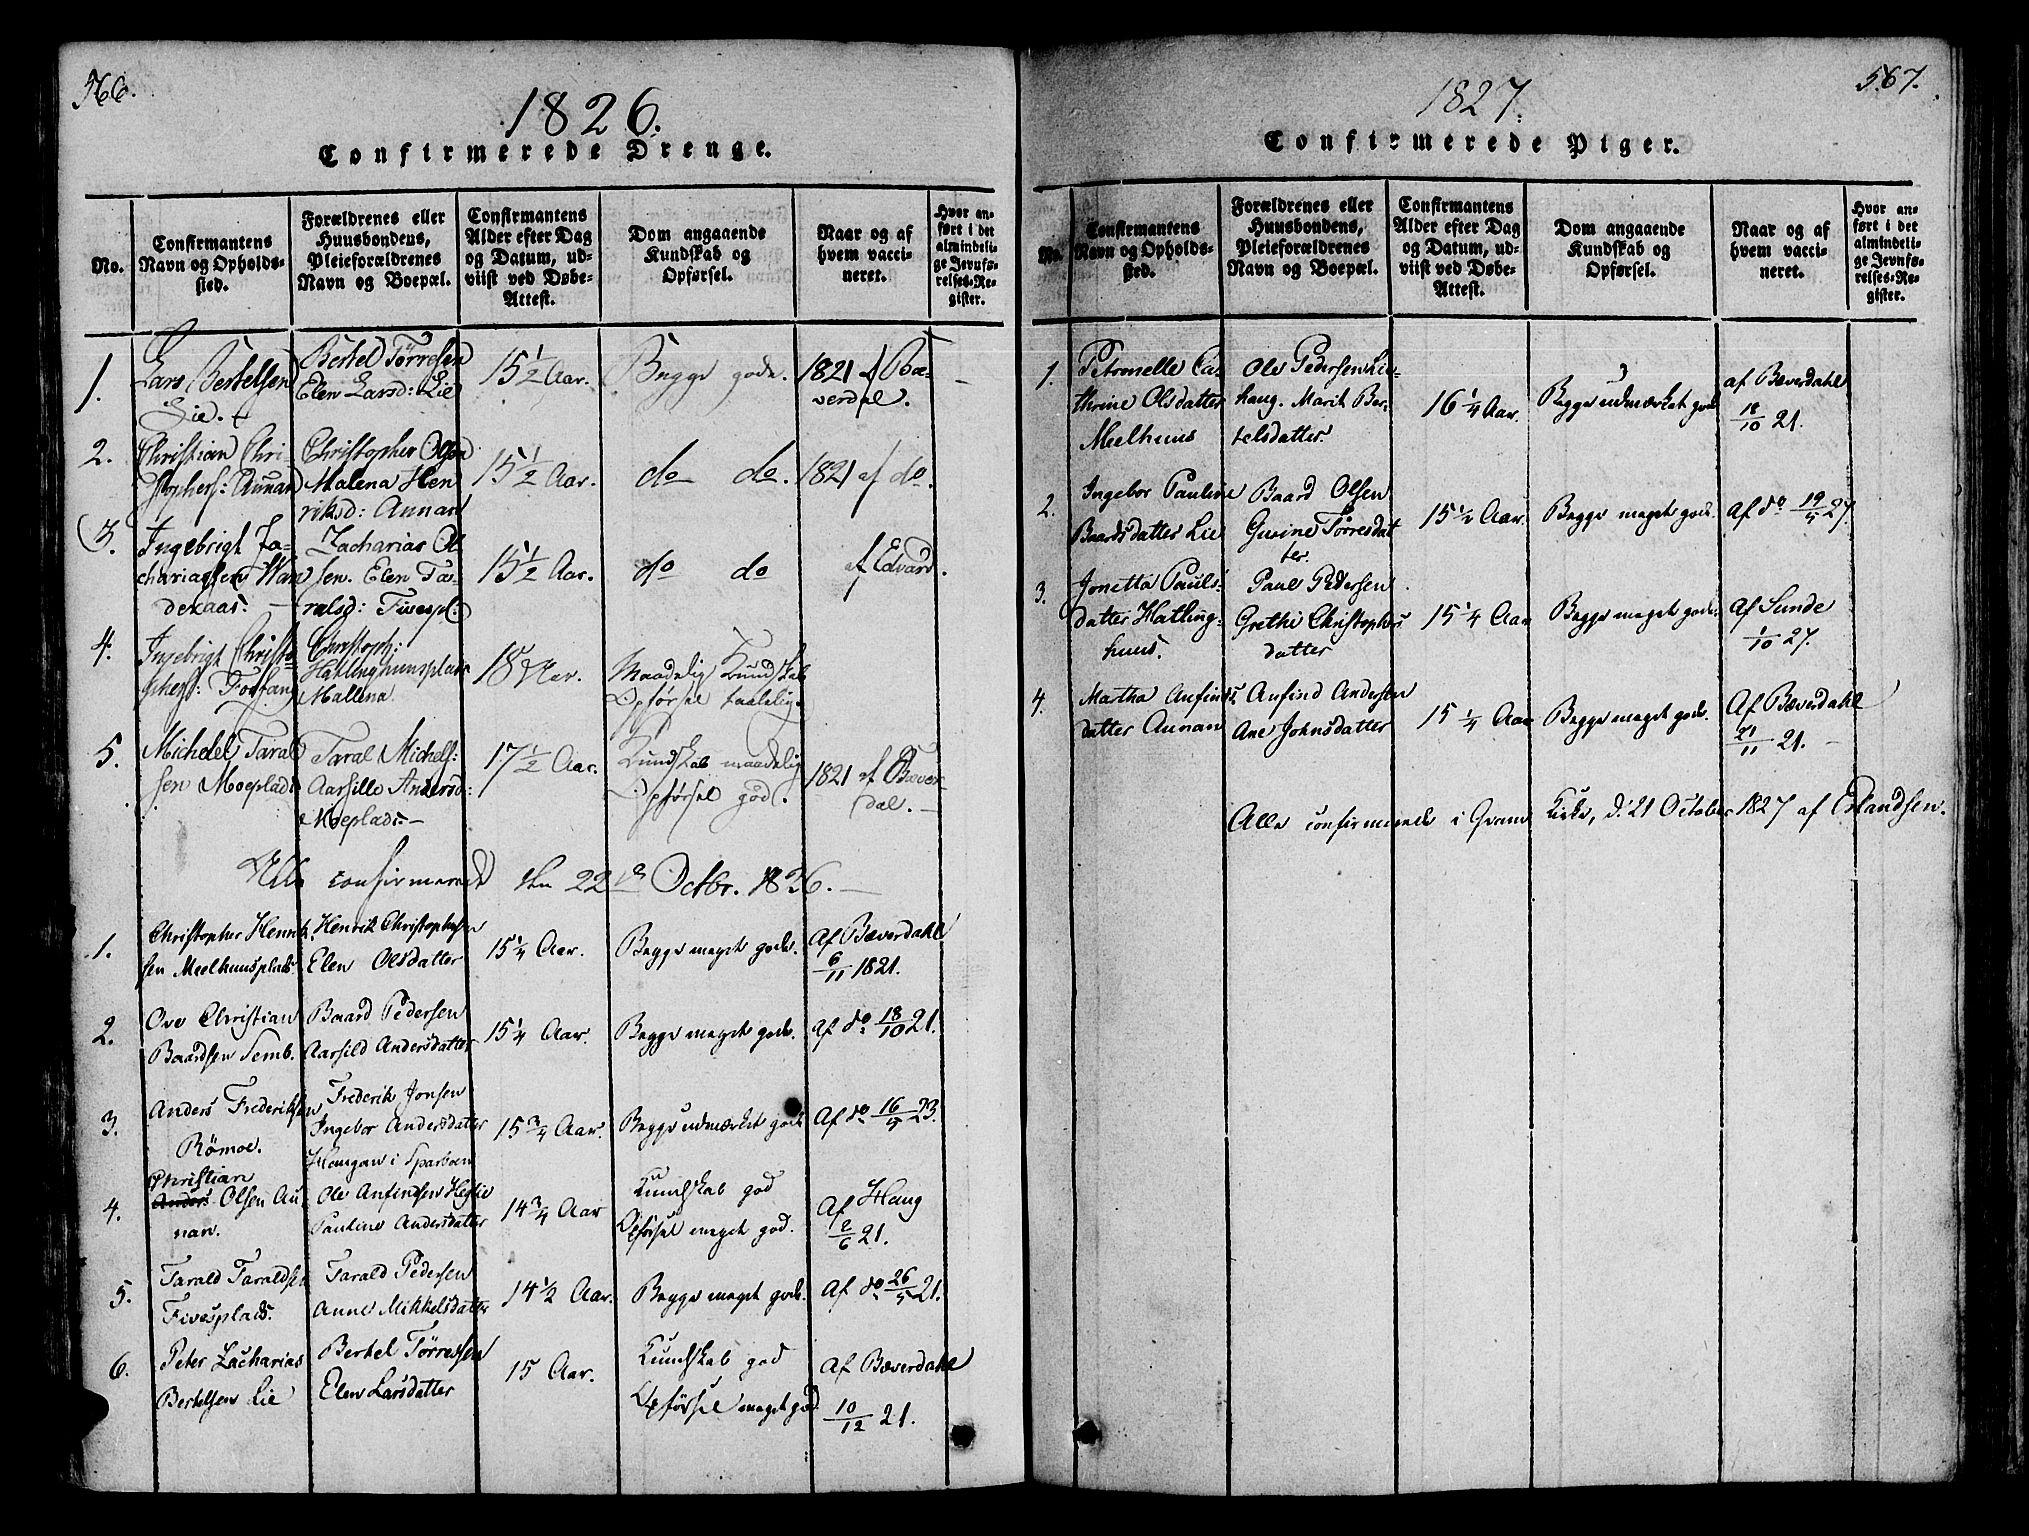 SAT, Ministerialprotokoller, klokkerbøker og fødselsregistre - Nord-Trøndelag, 746/L0441: Ministerialbok nr. 746A03 /4, 1816-1827, s. 566-567